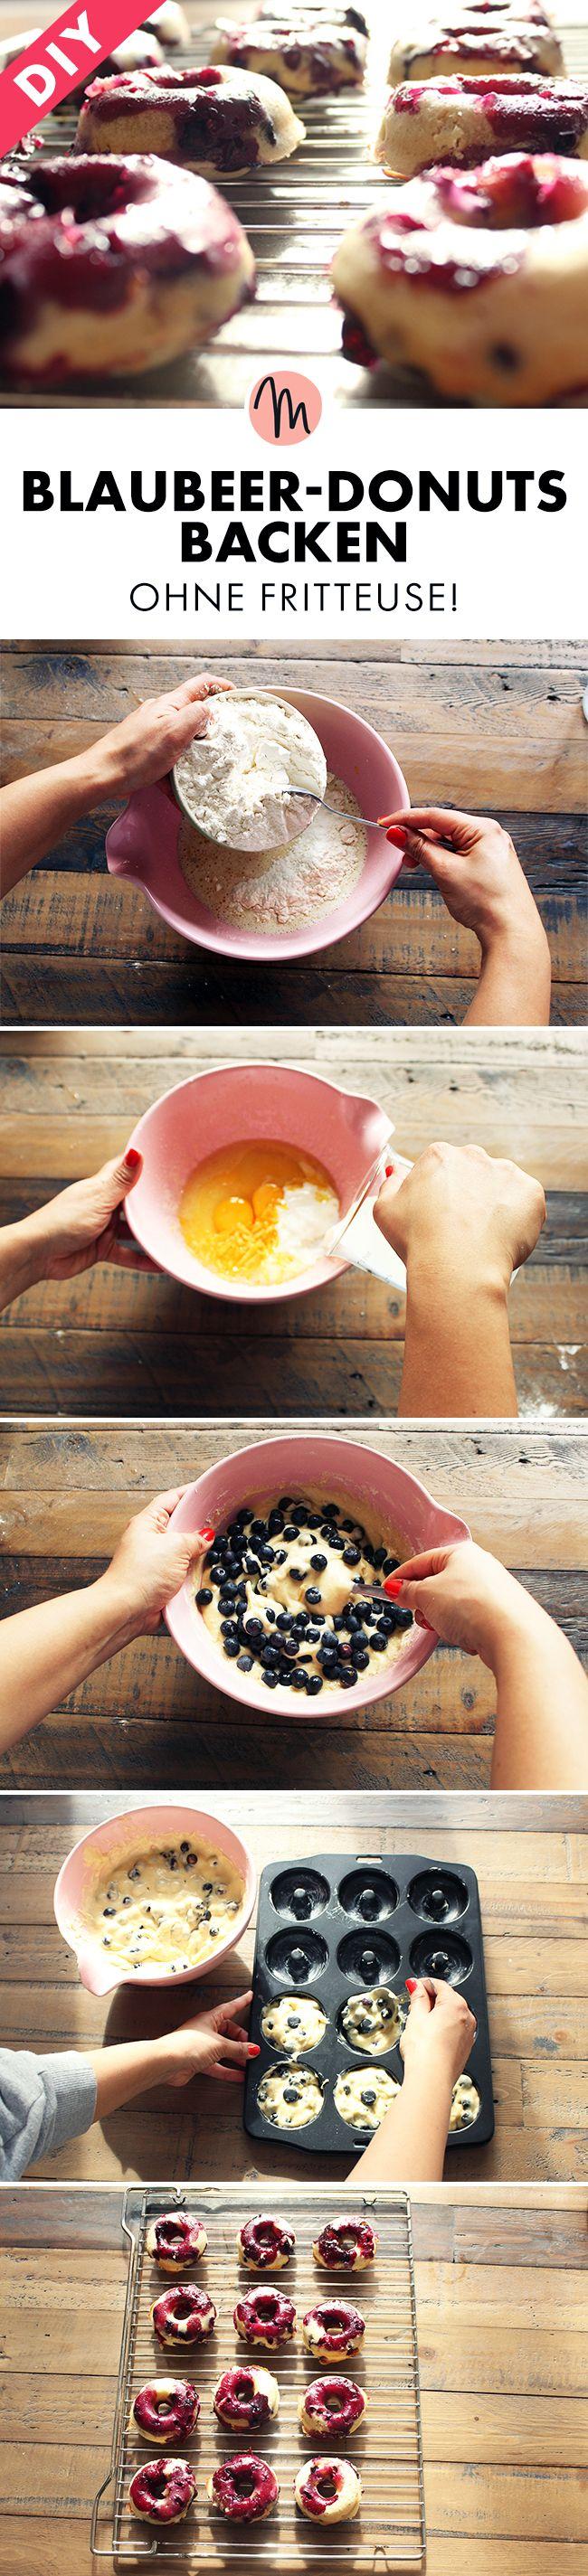 Die besten 25+ Donut rezept Ideen auf Pinterest   Donut ...